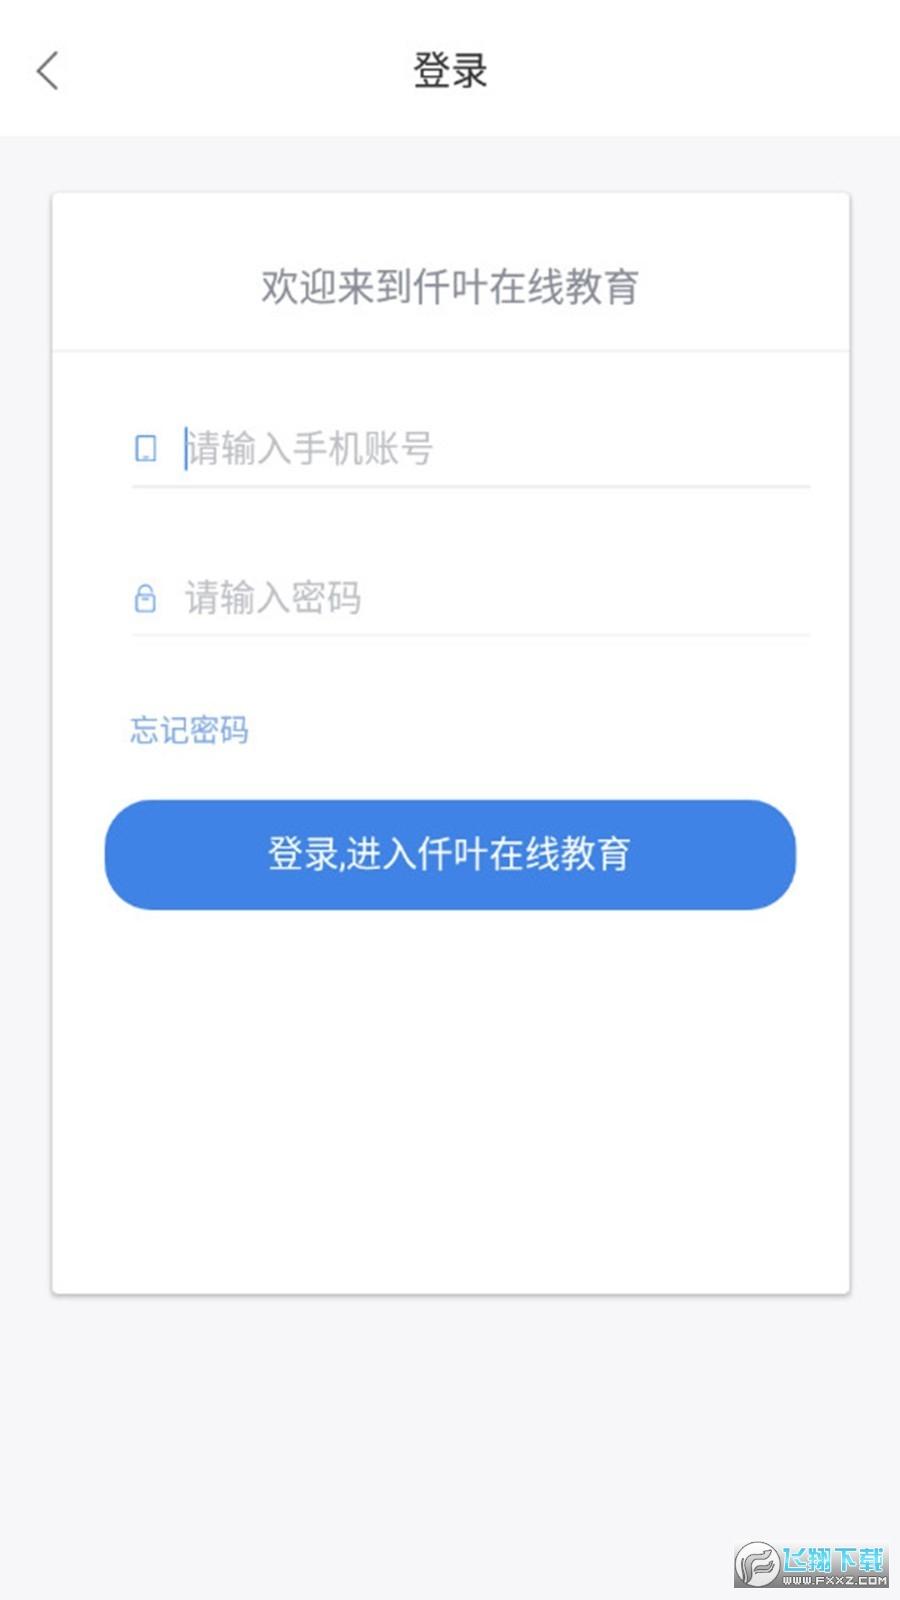 仟叶在线教育app客户端1.0.6最新版截图1